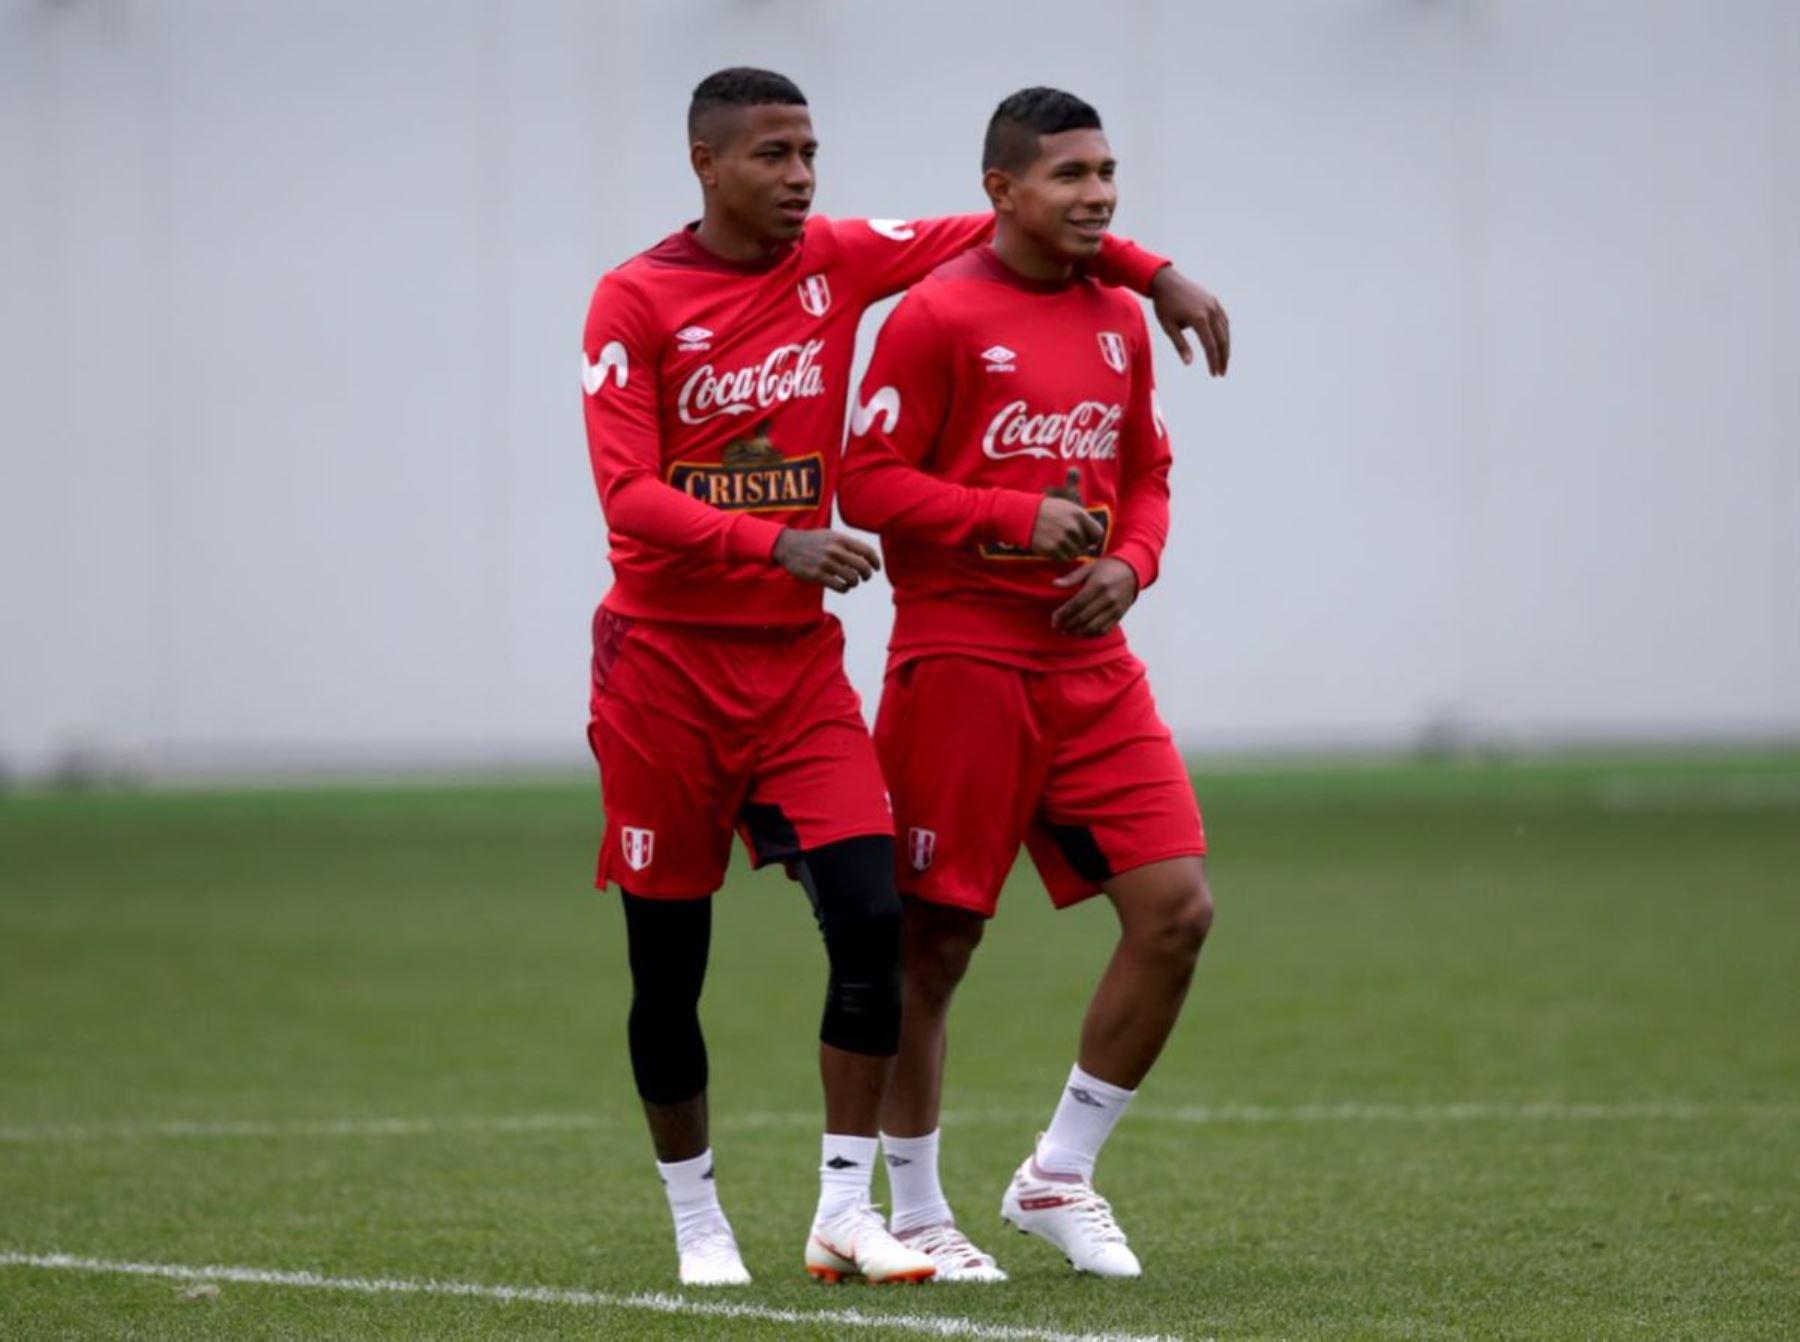 La selección peruana se pone a punto para el debut del sábado 16. Edison Flores y Andy Polo están optimistas.